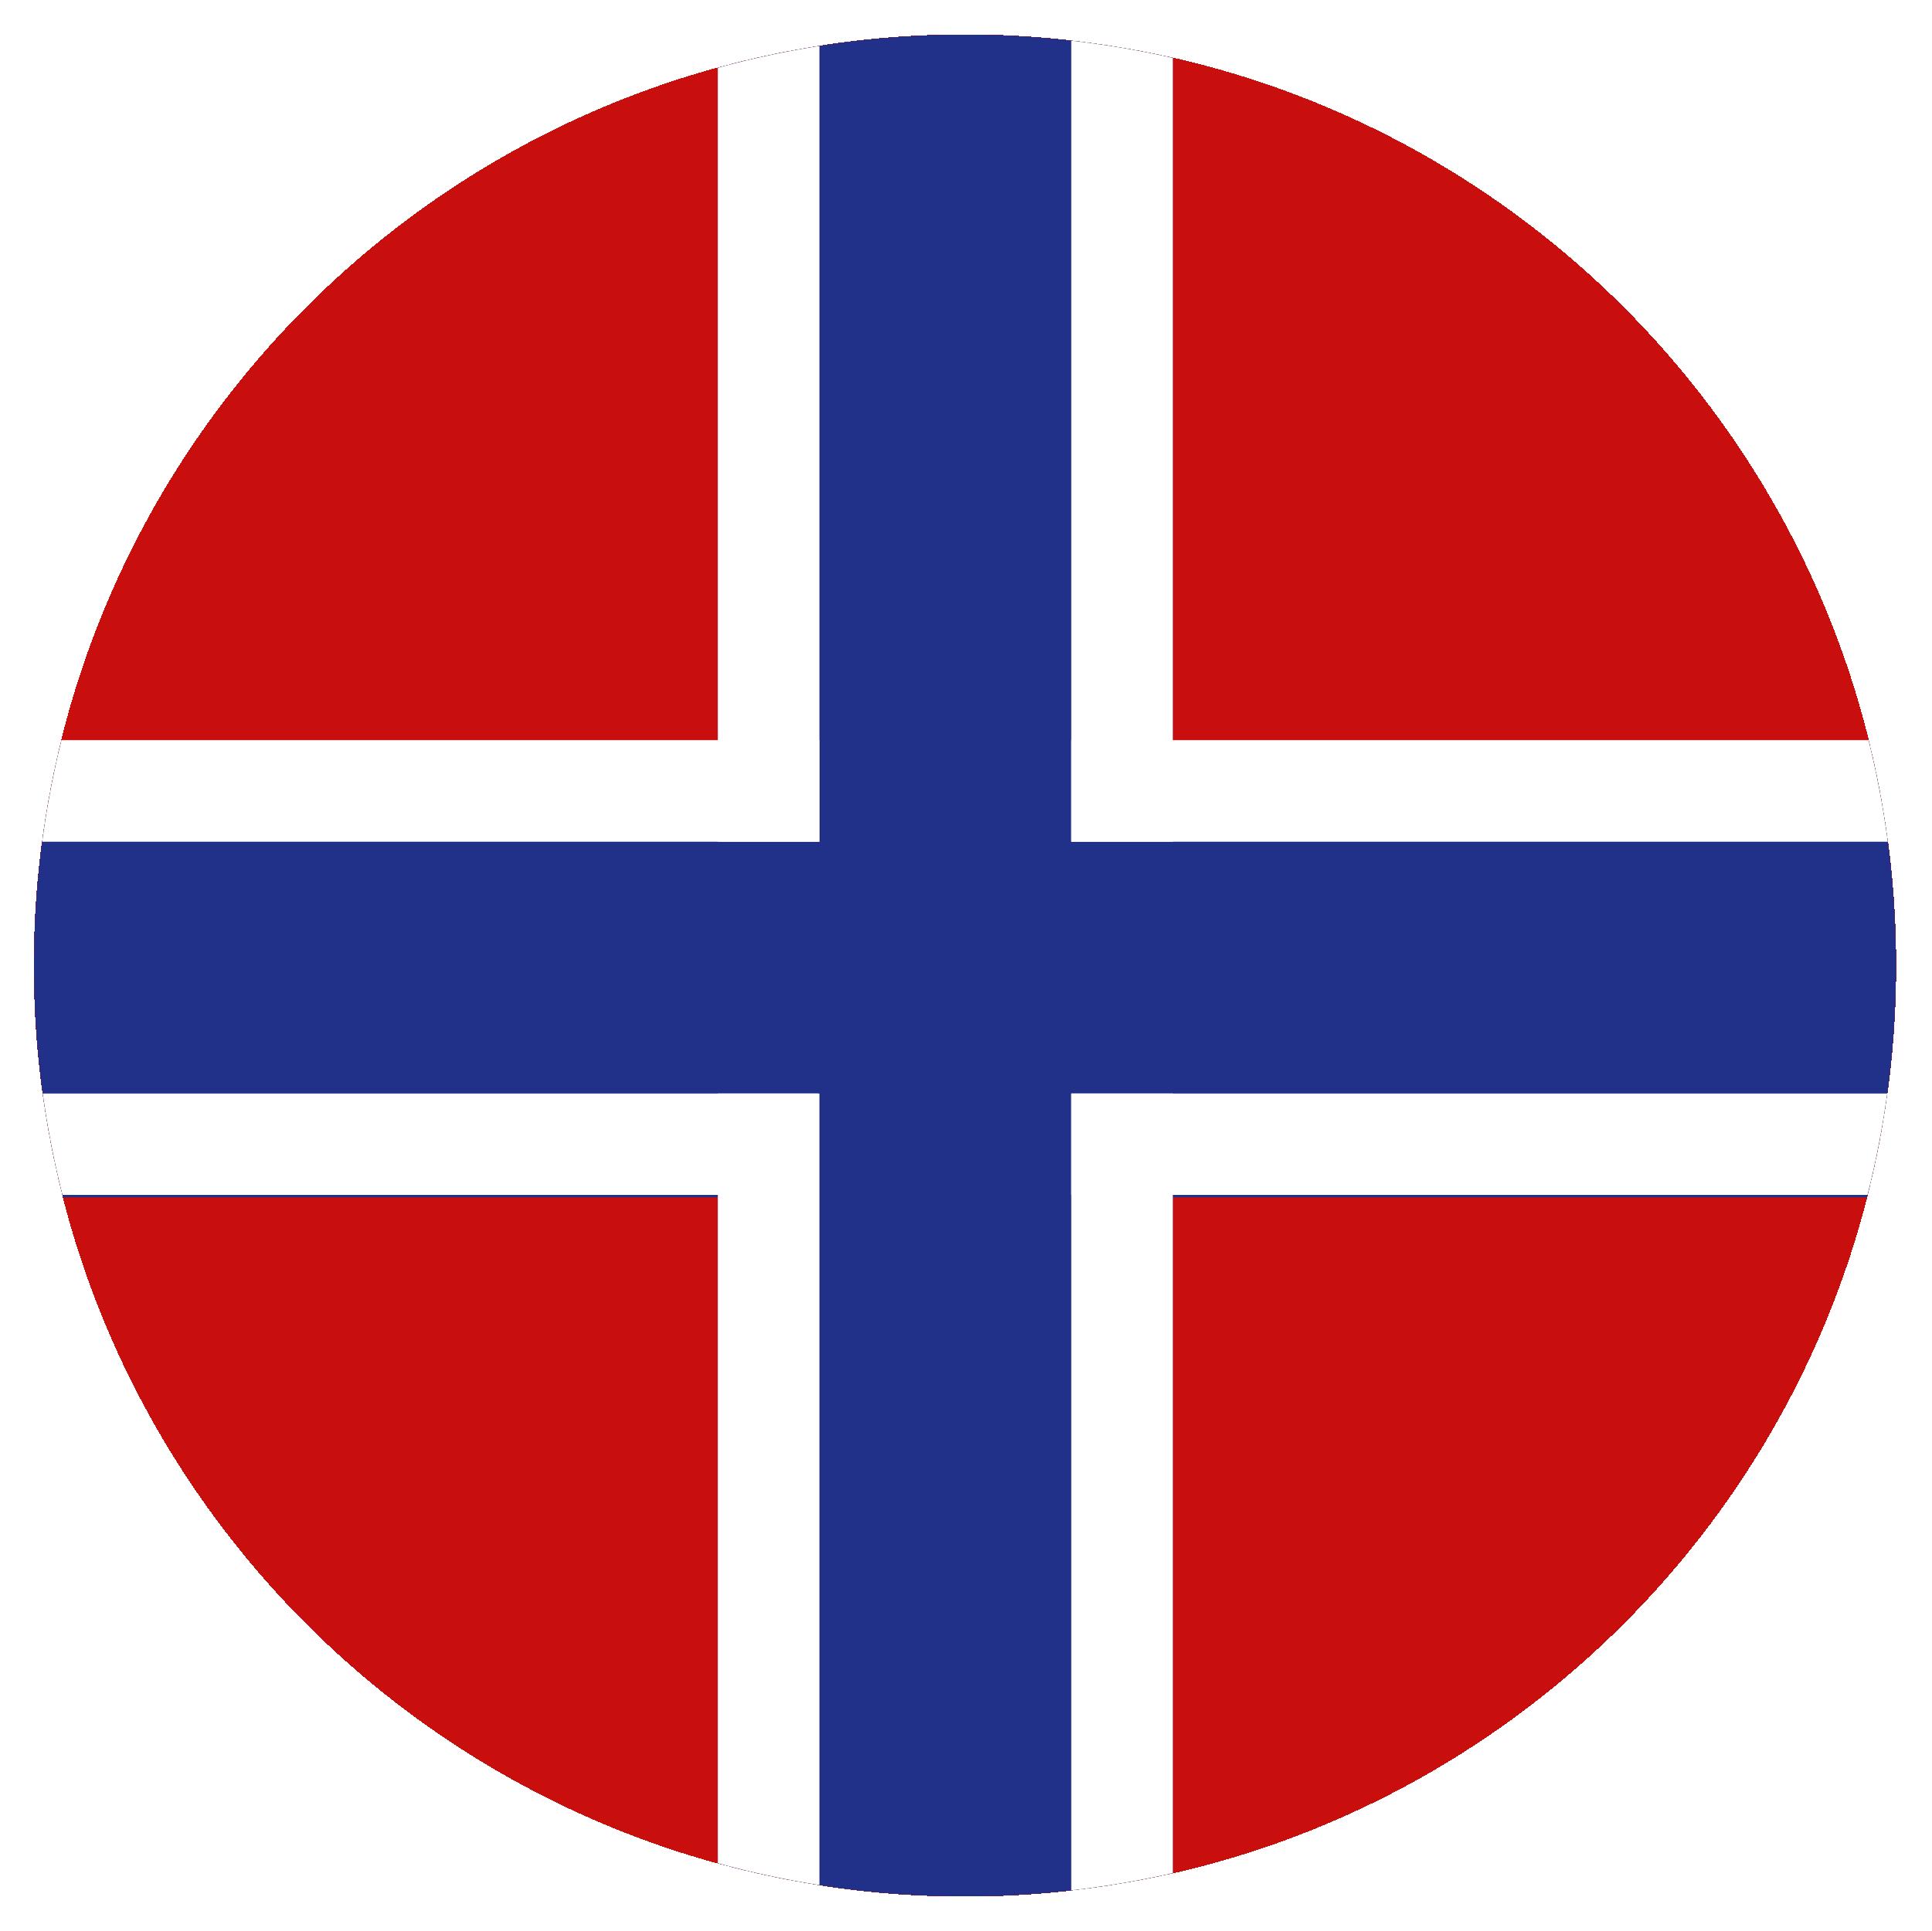 Norskt Bokmål